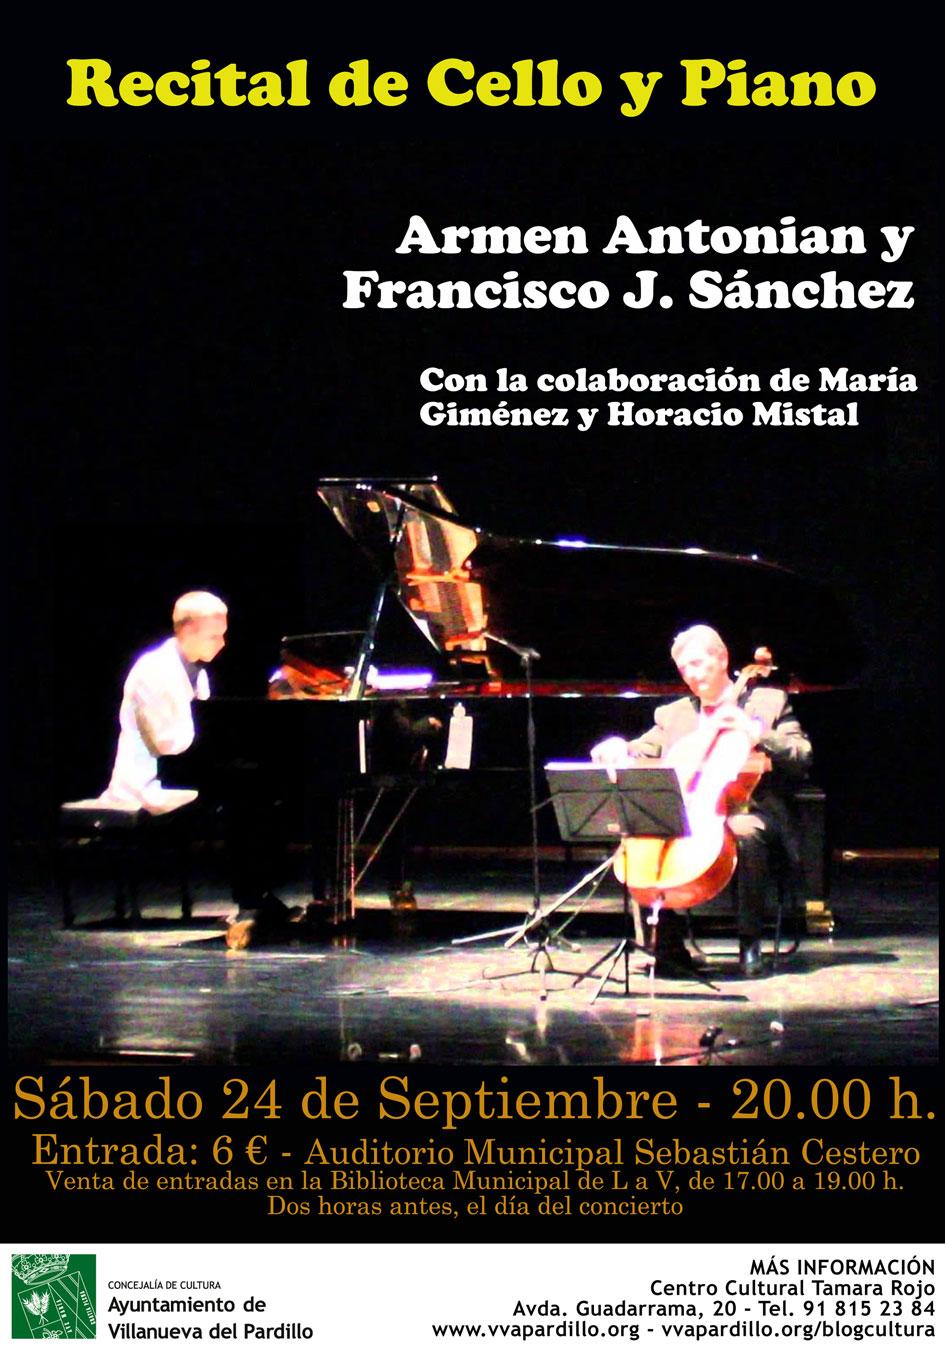 Recital de cello y piano, sábado 24 de septiembre | Blog de Cultura ...